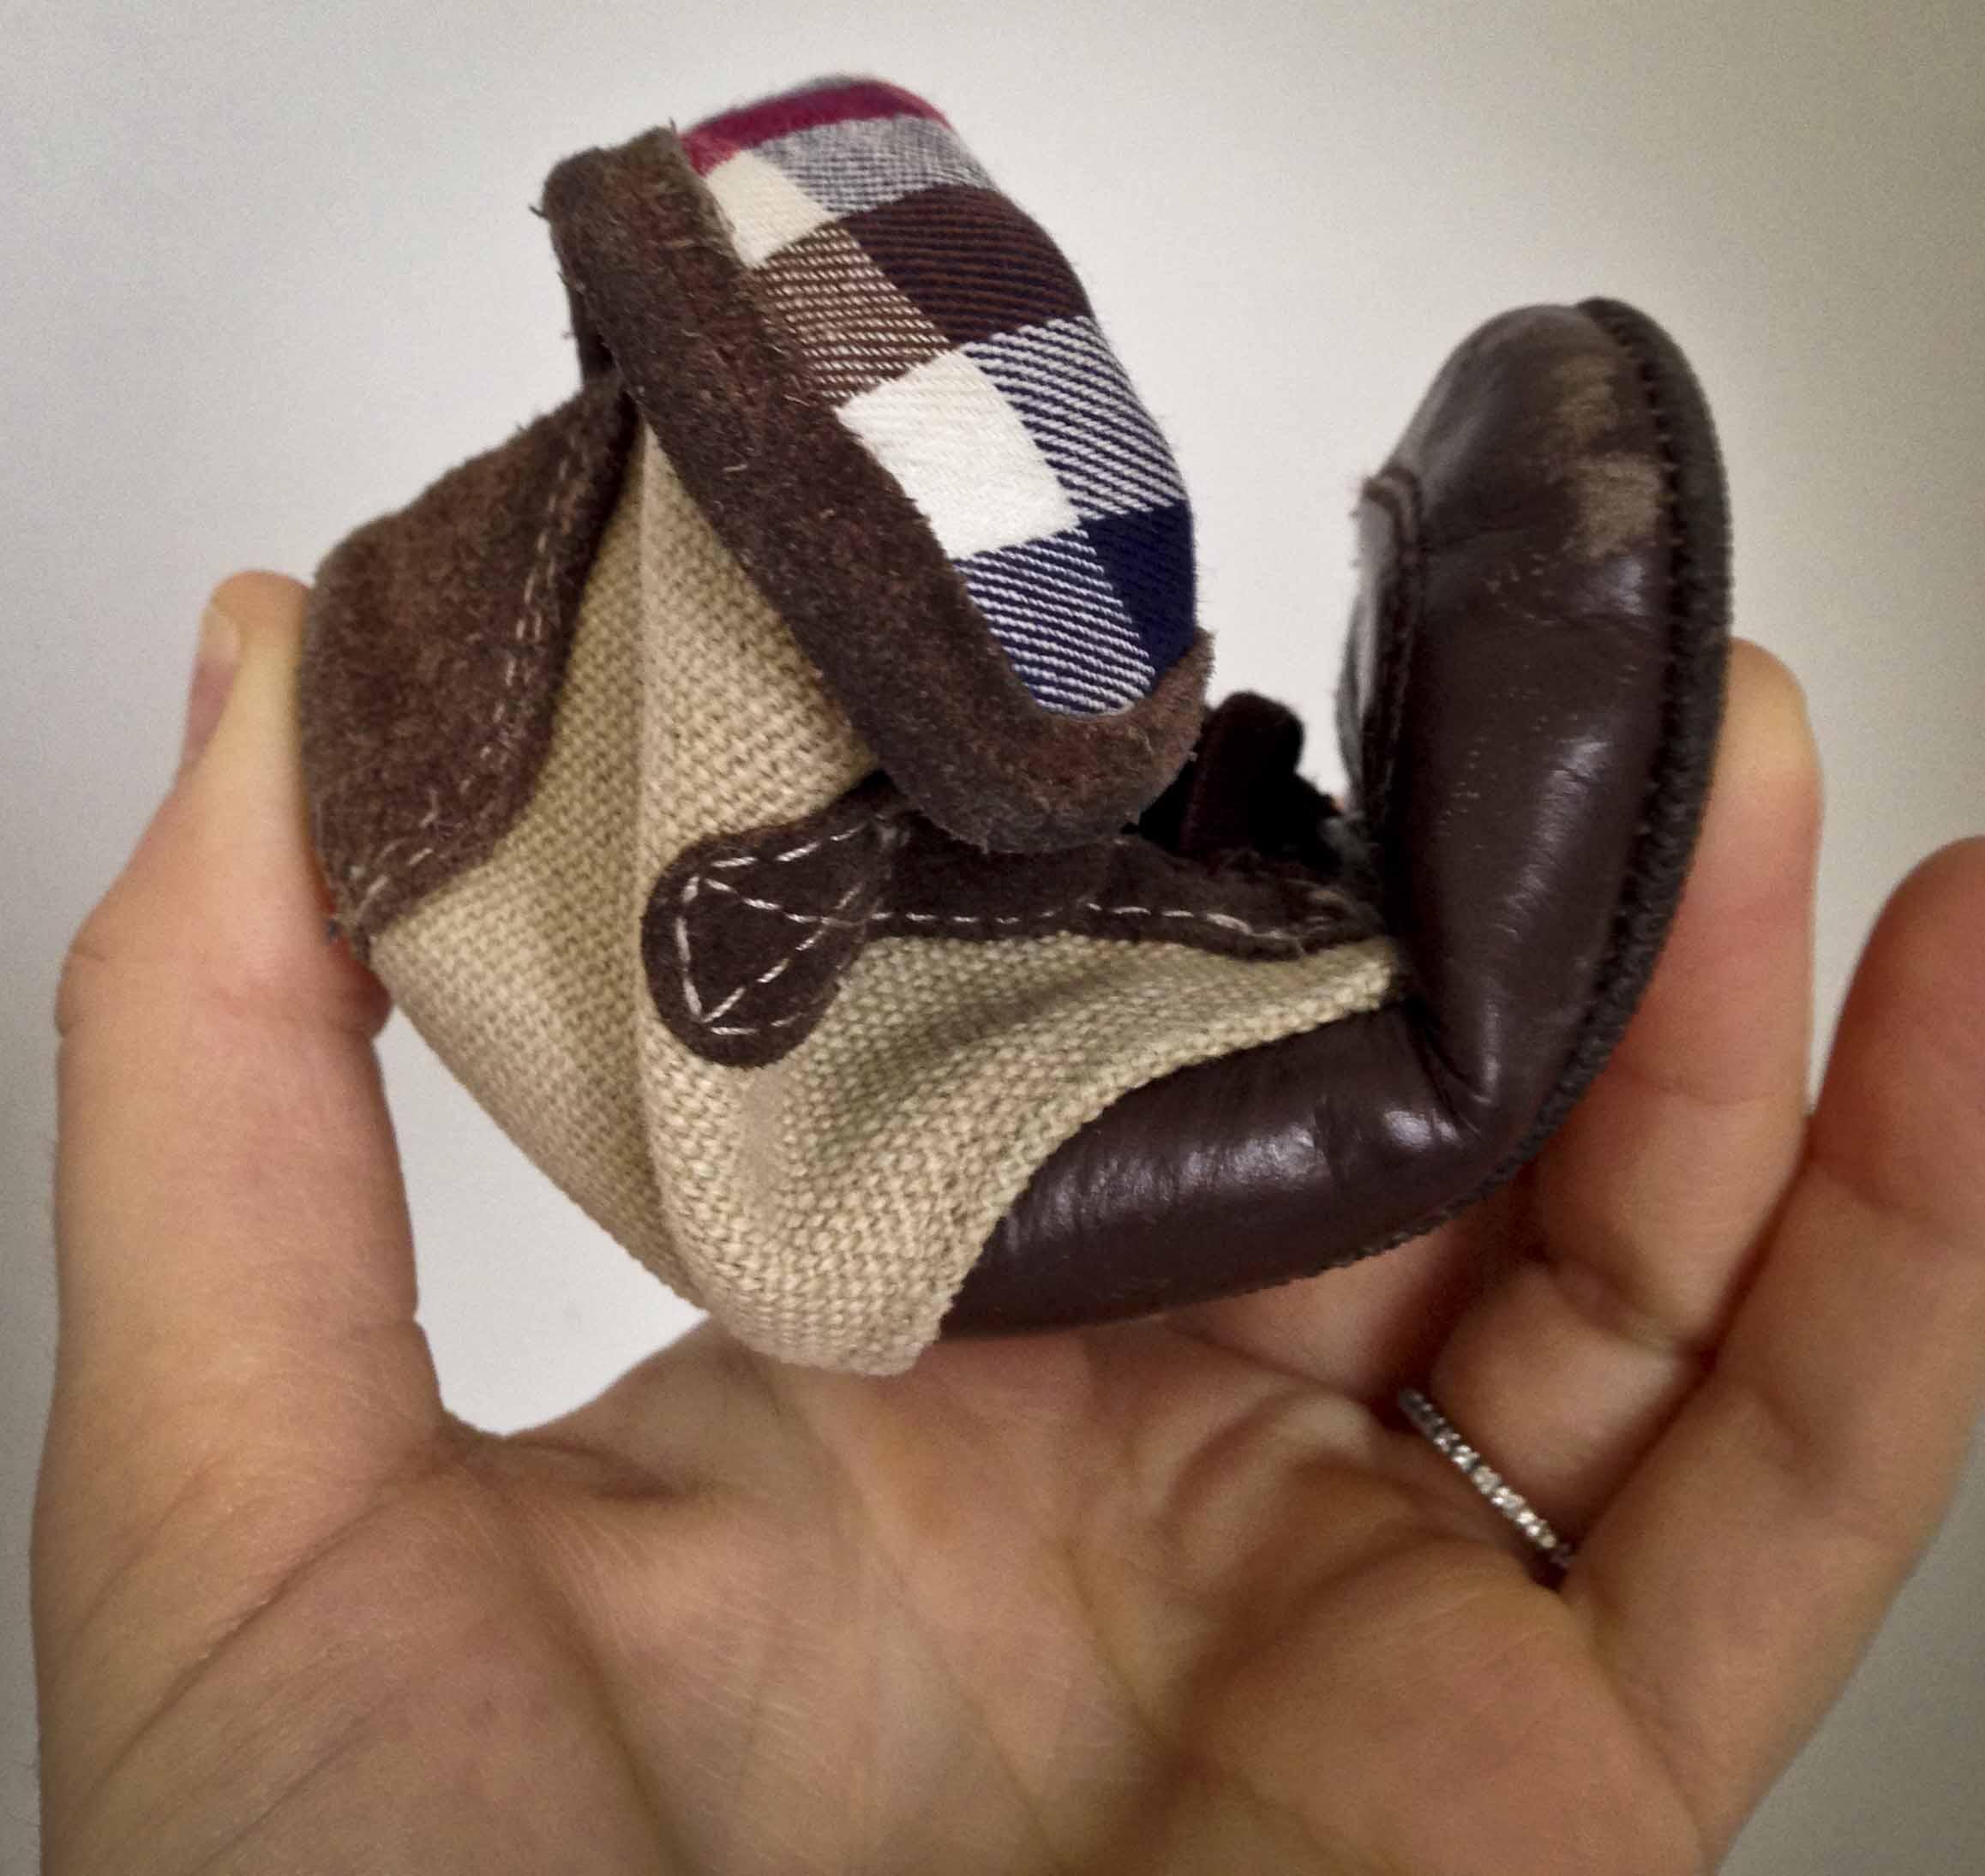 366ccf0dea969 chaussures bébé premiers pas. La semelle de la chaussure est souple